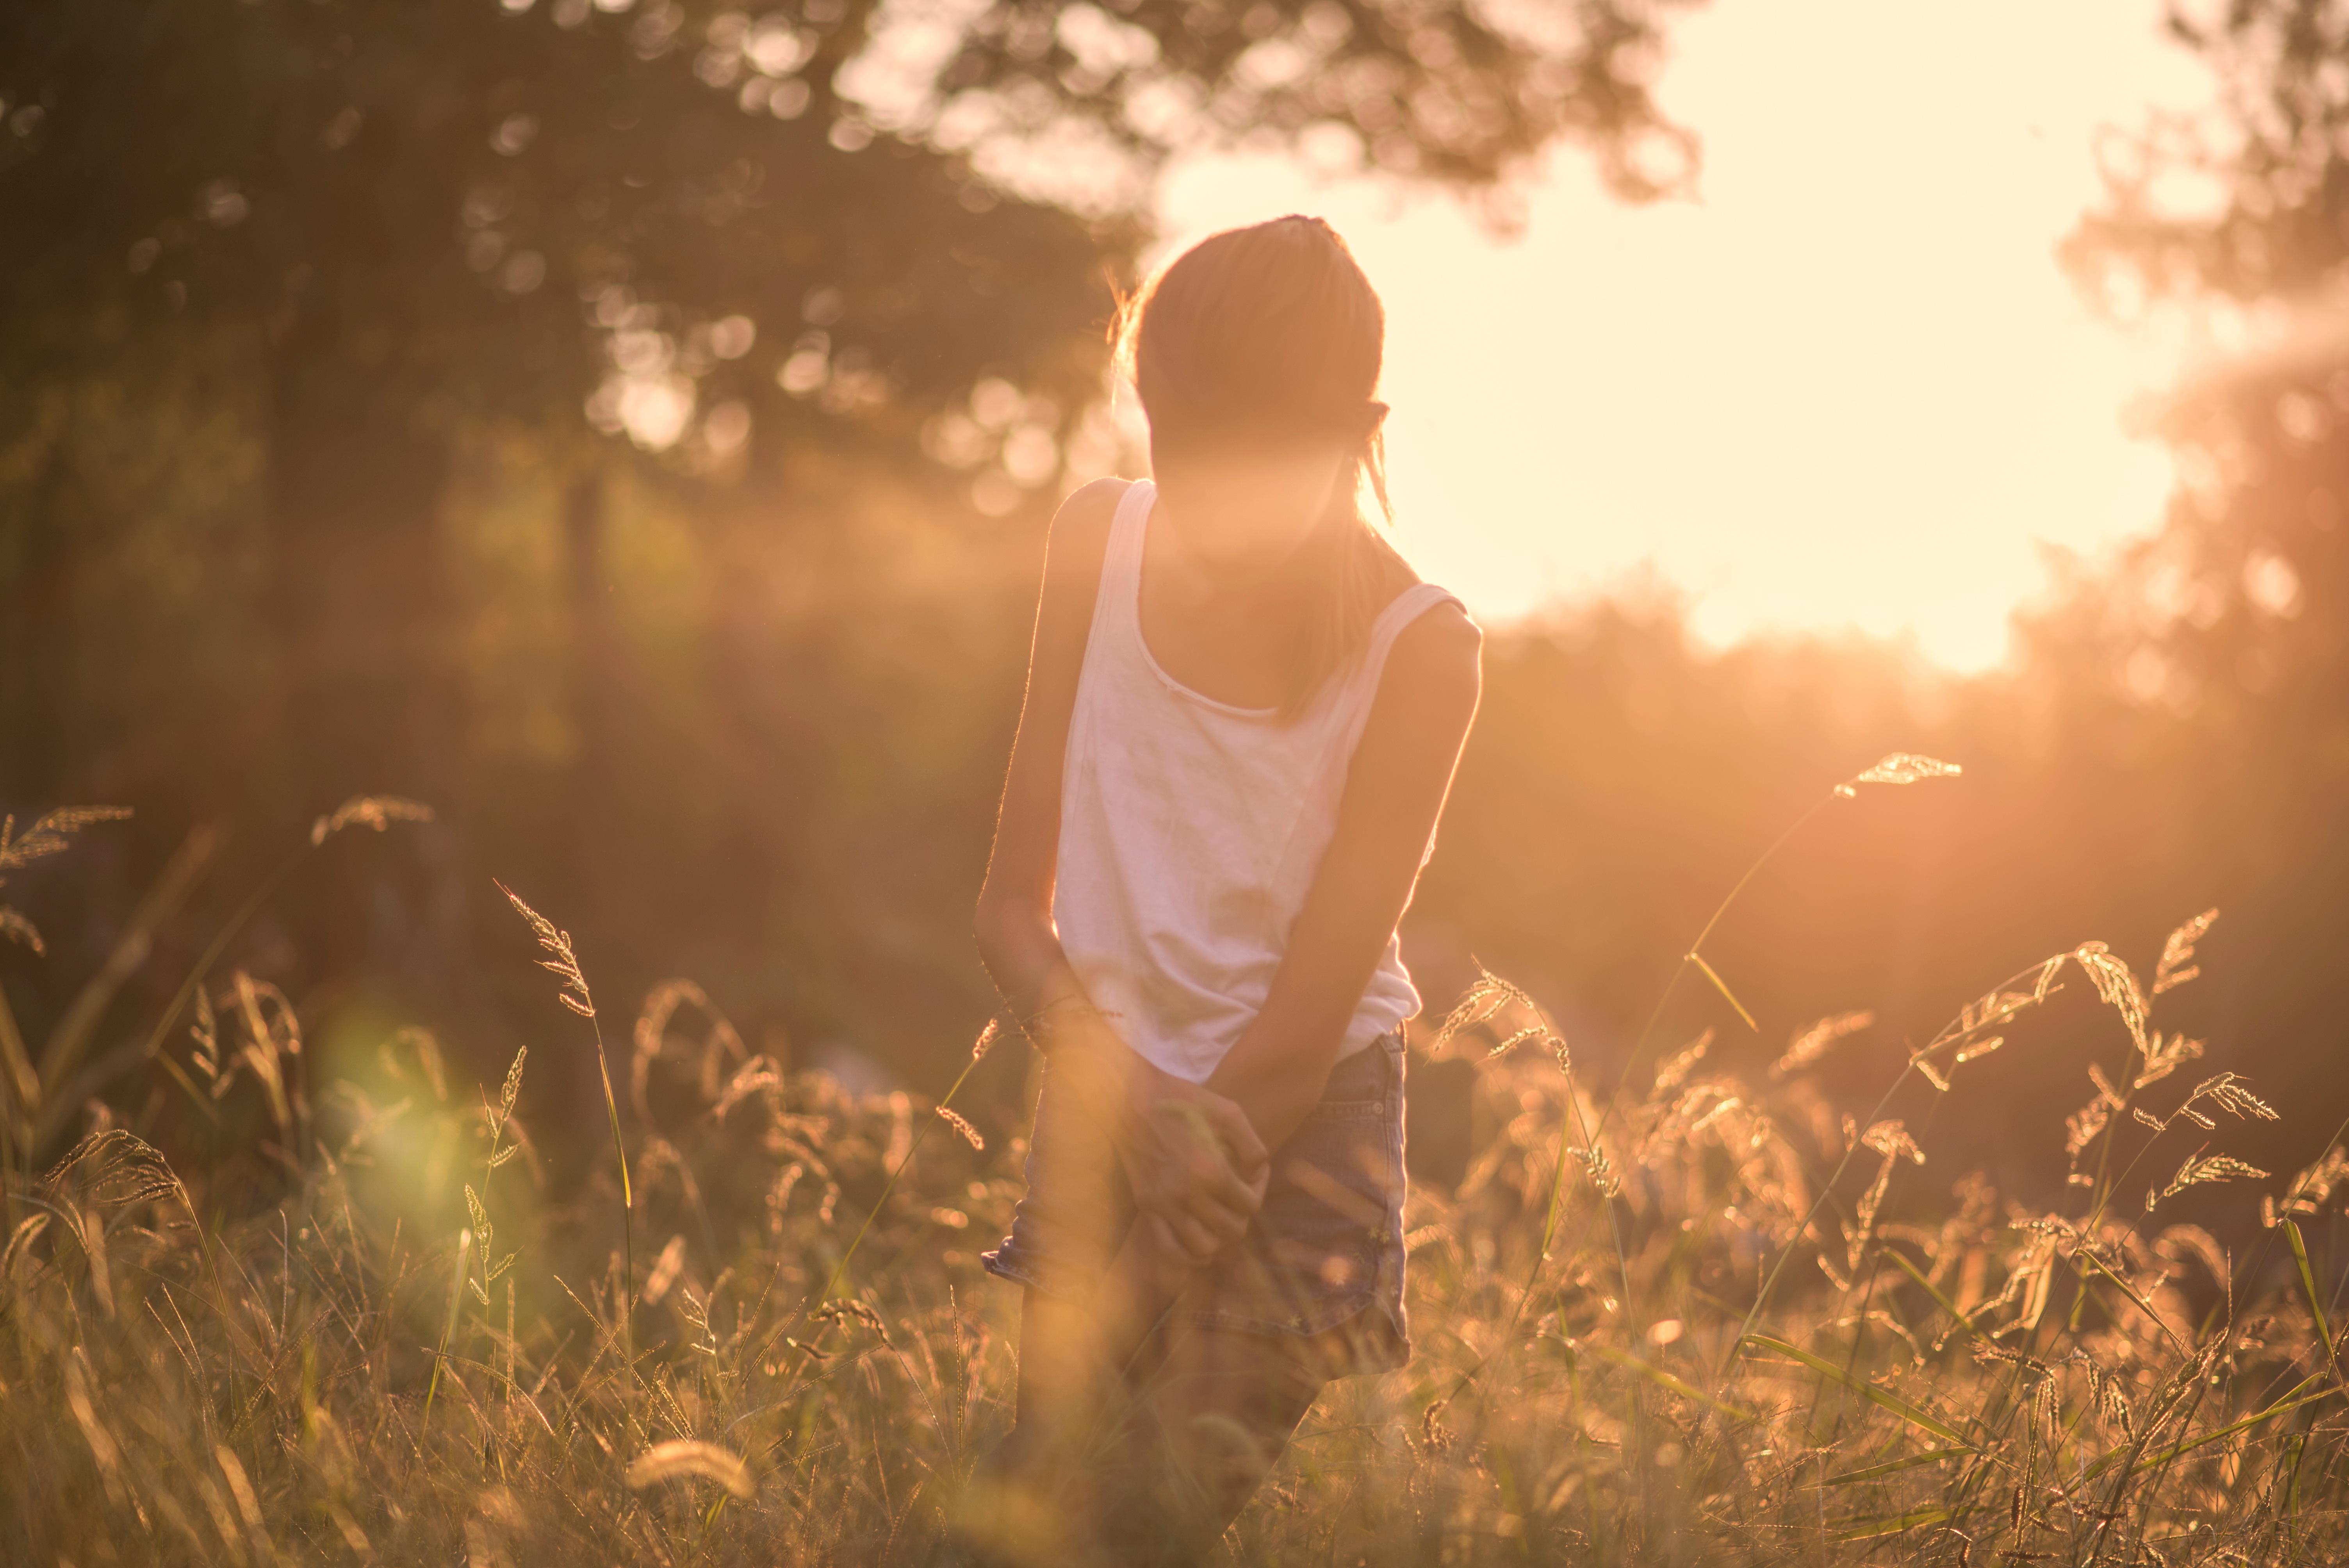 Фото красивых девушек в лучах солнца, Девушка в лучах солнца Girl in the sun Похожие фото 12 фотография